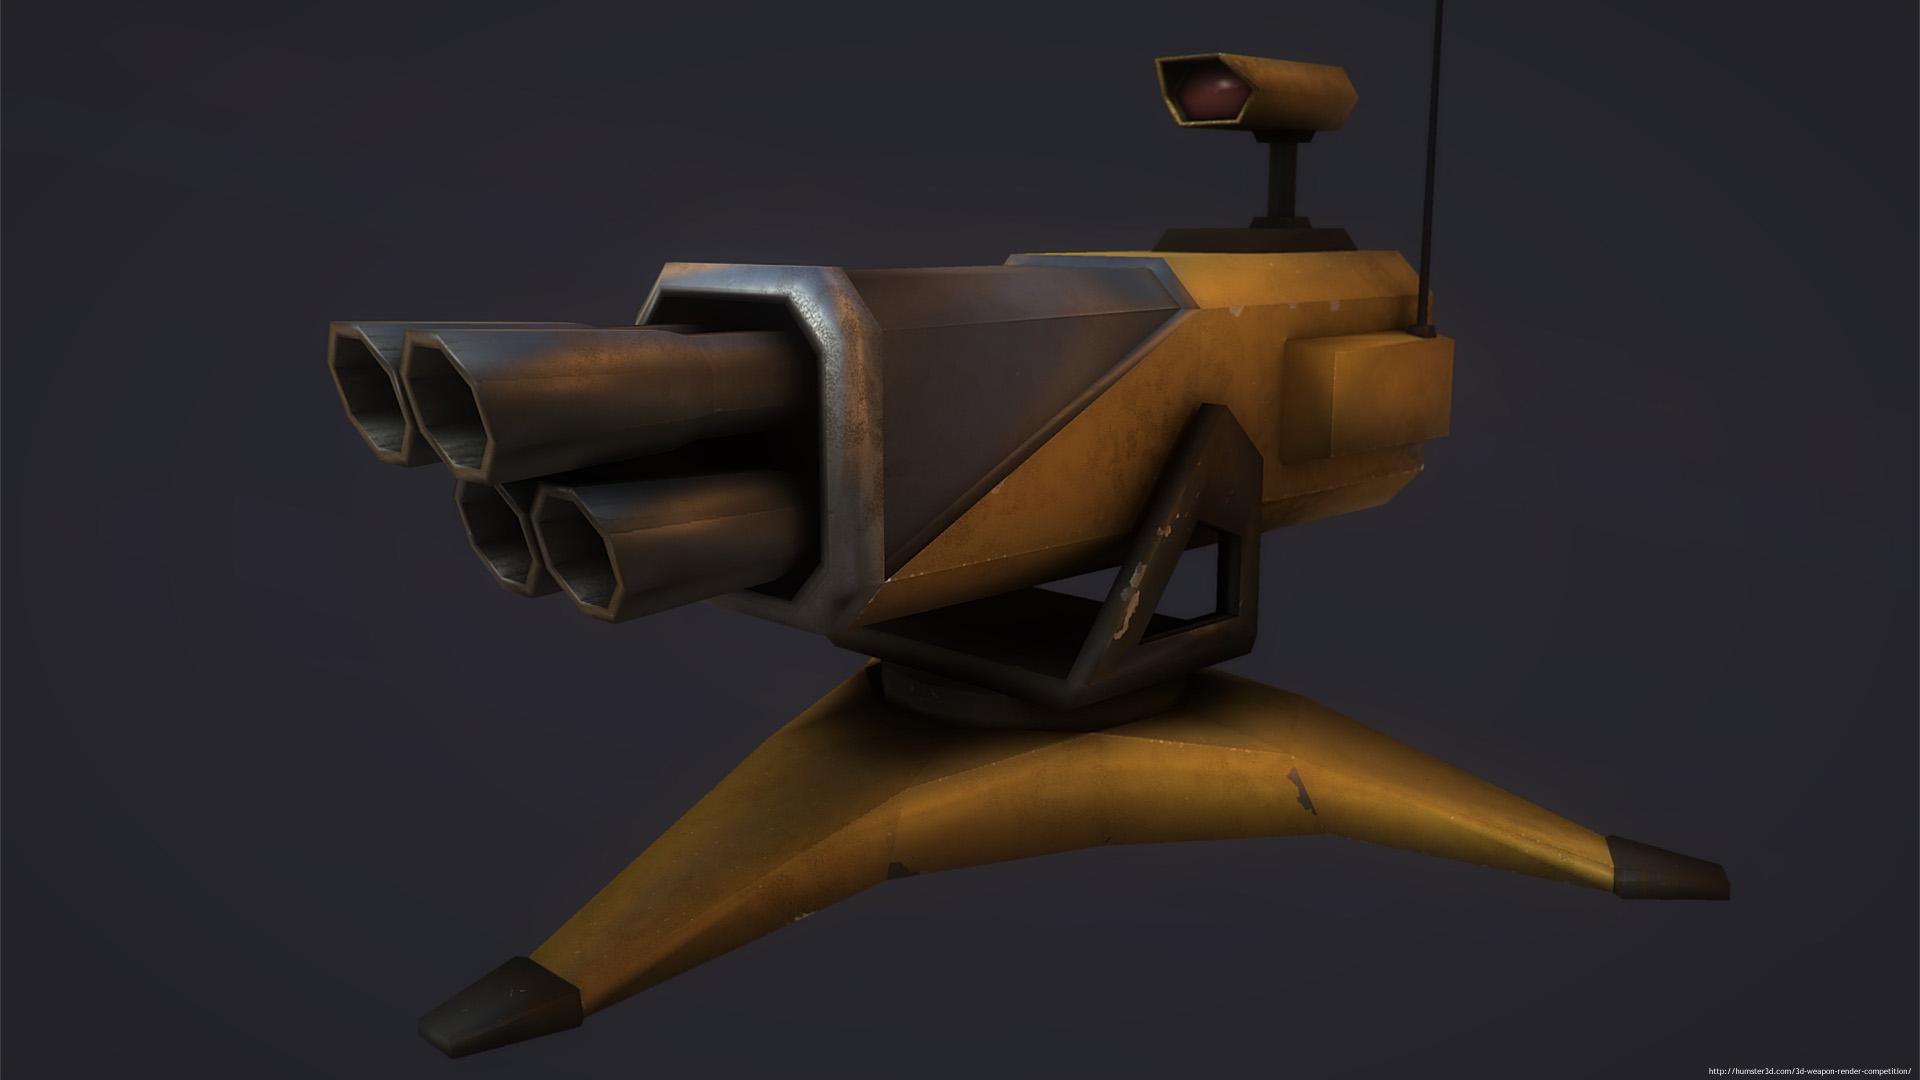 Sci Fi Turret 3d art